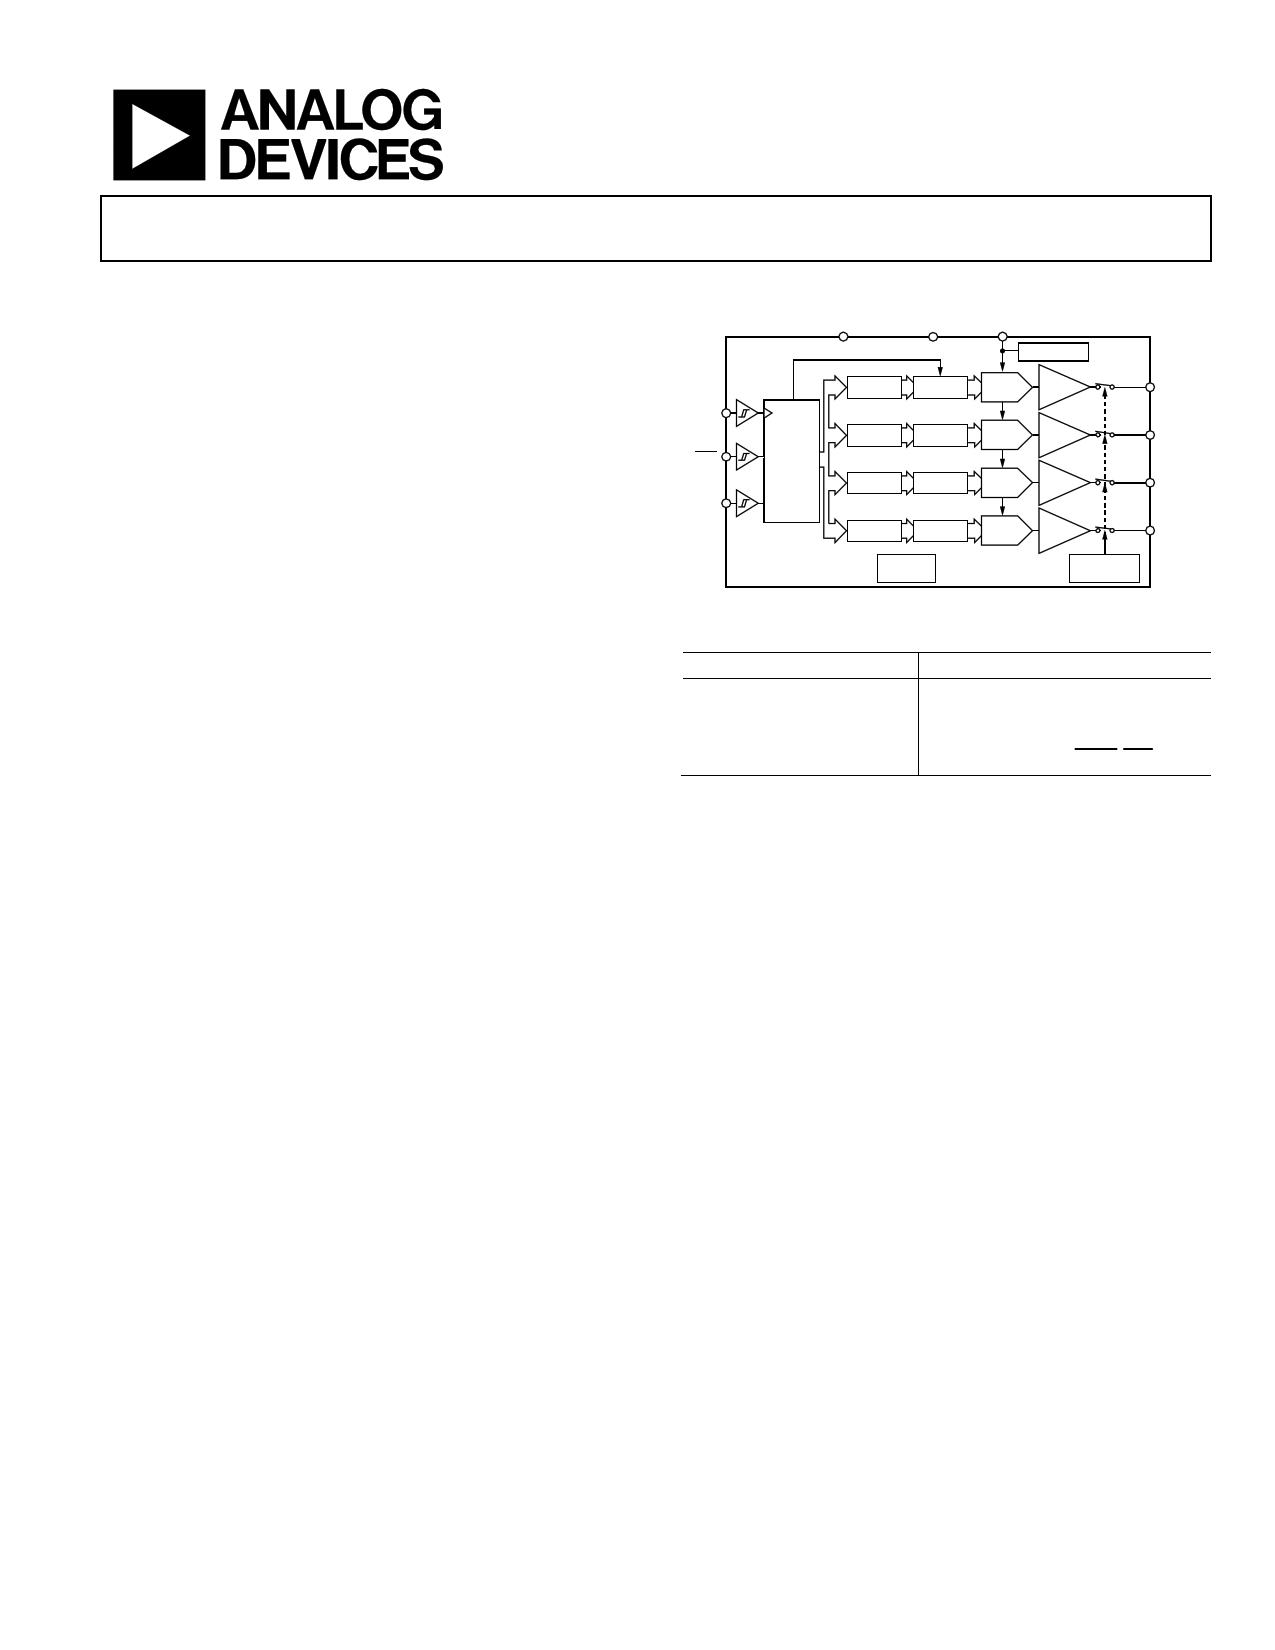 AD5664R Hoja de datos, Descripción, Manual